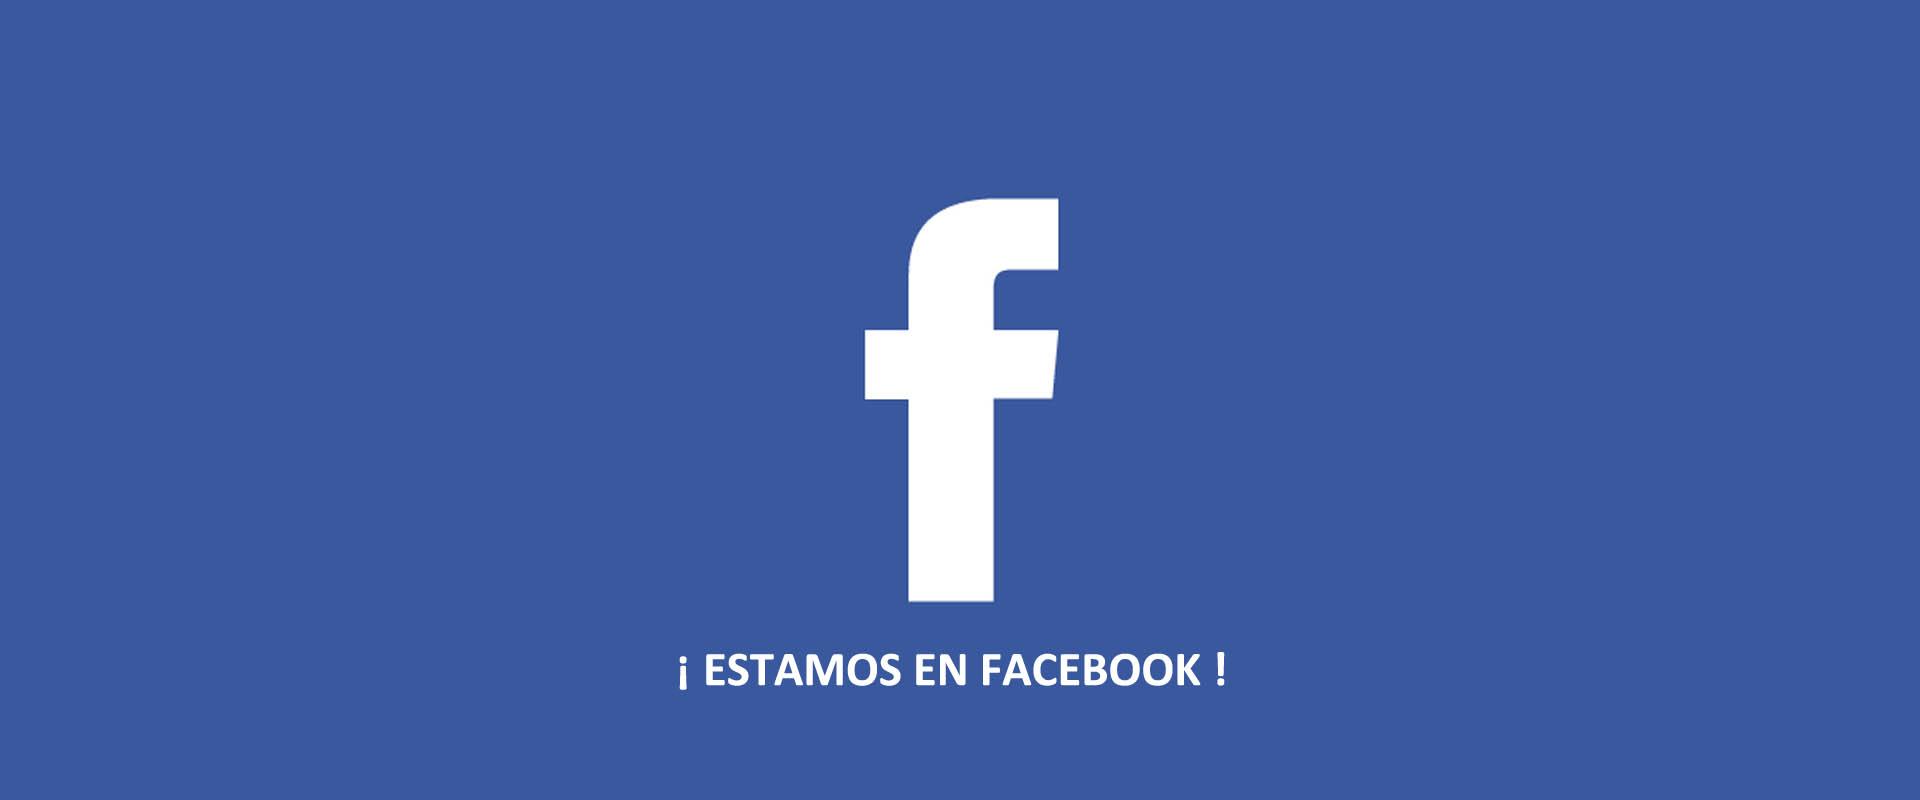 entradafacebook